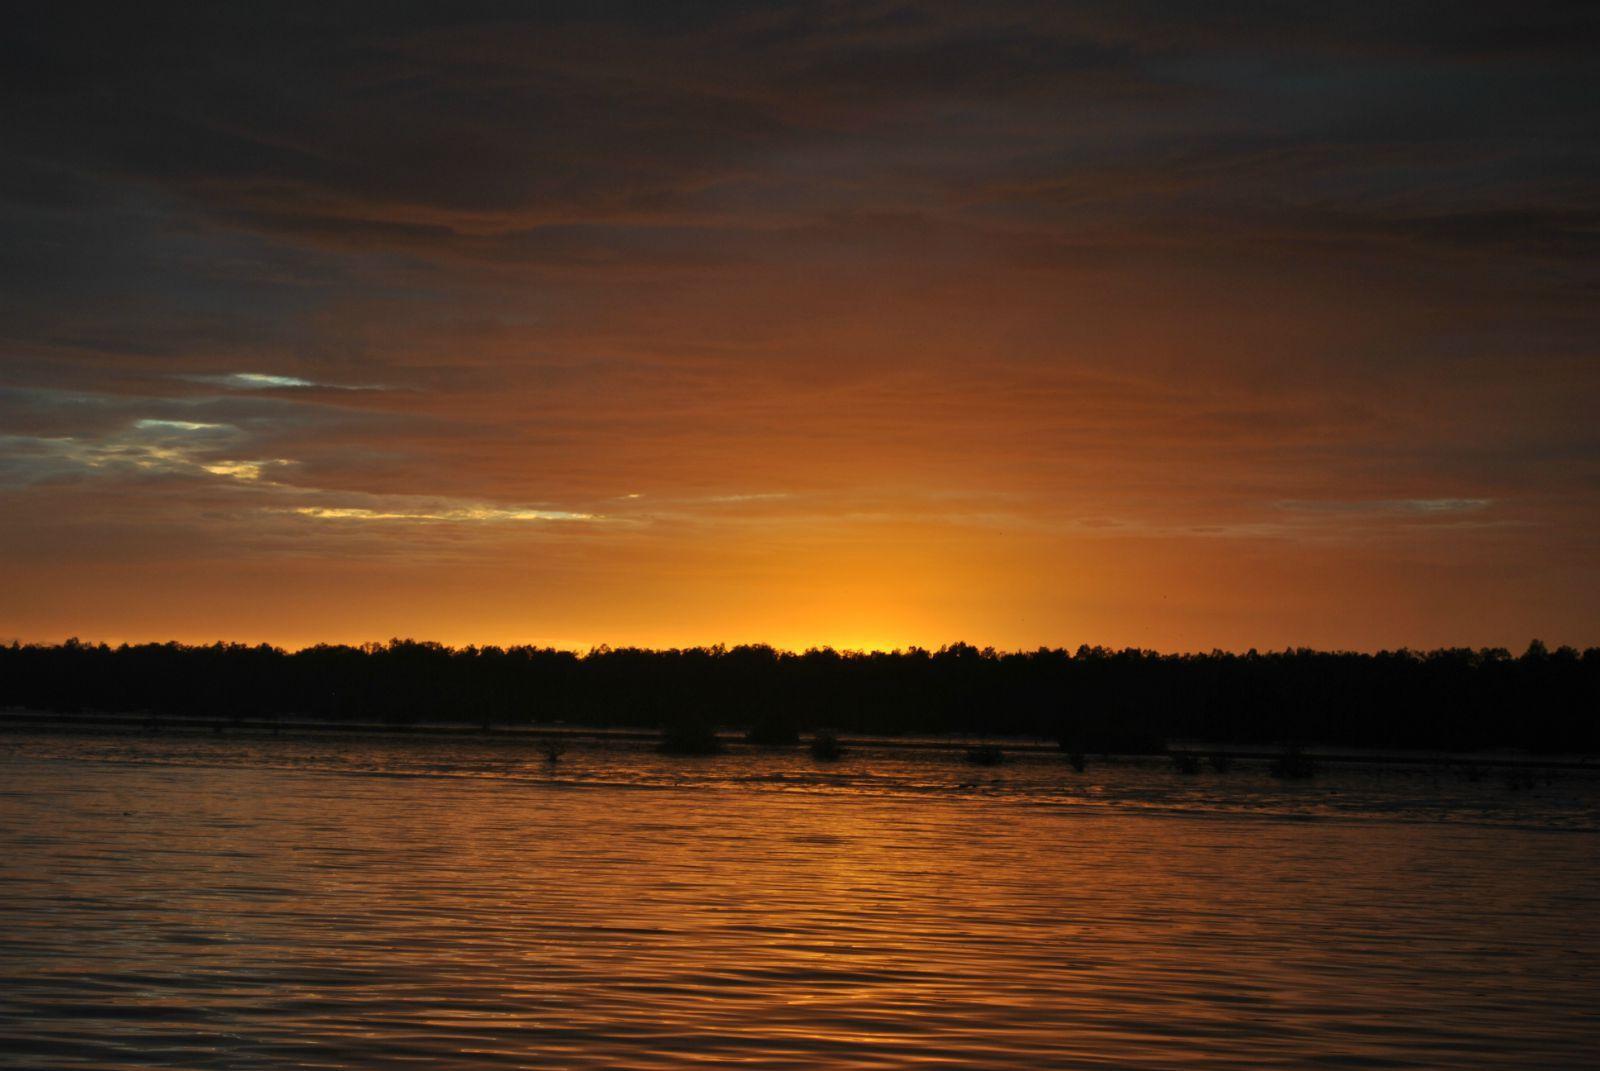 沙巴有个东姑阿都拉曼国家海岛公园,总共有五个岛组成即加雅岛,马奴干